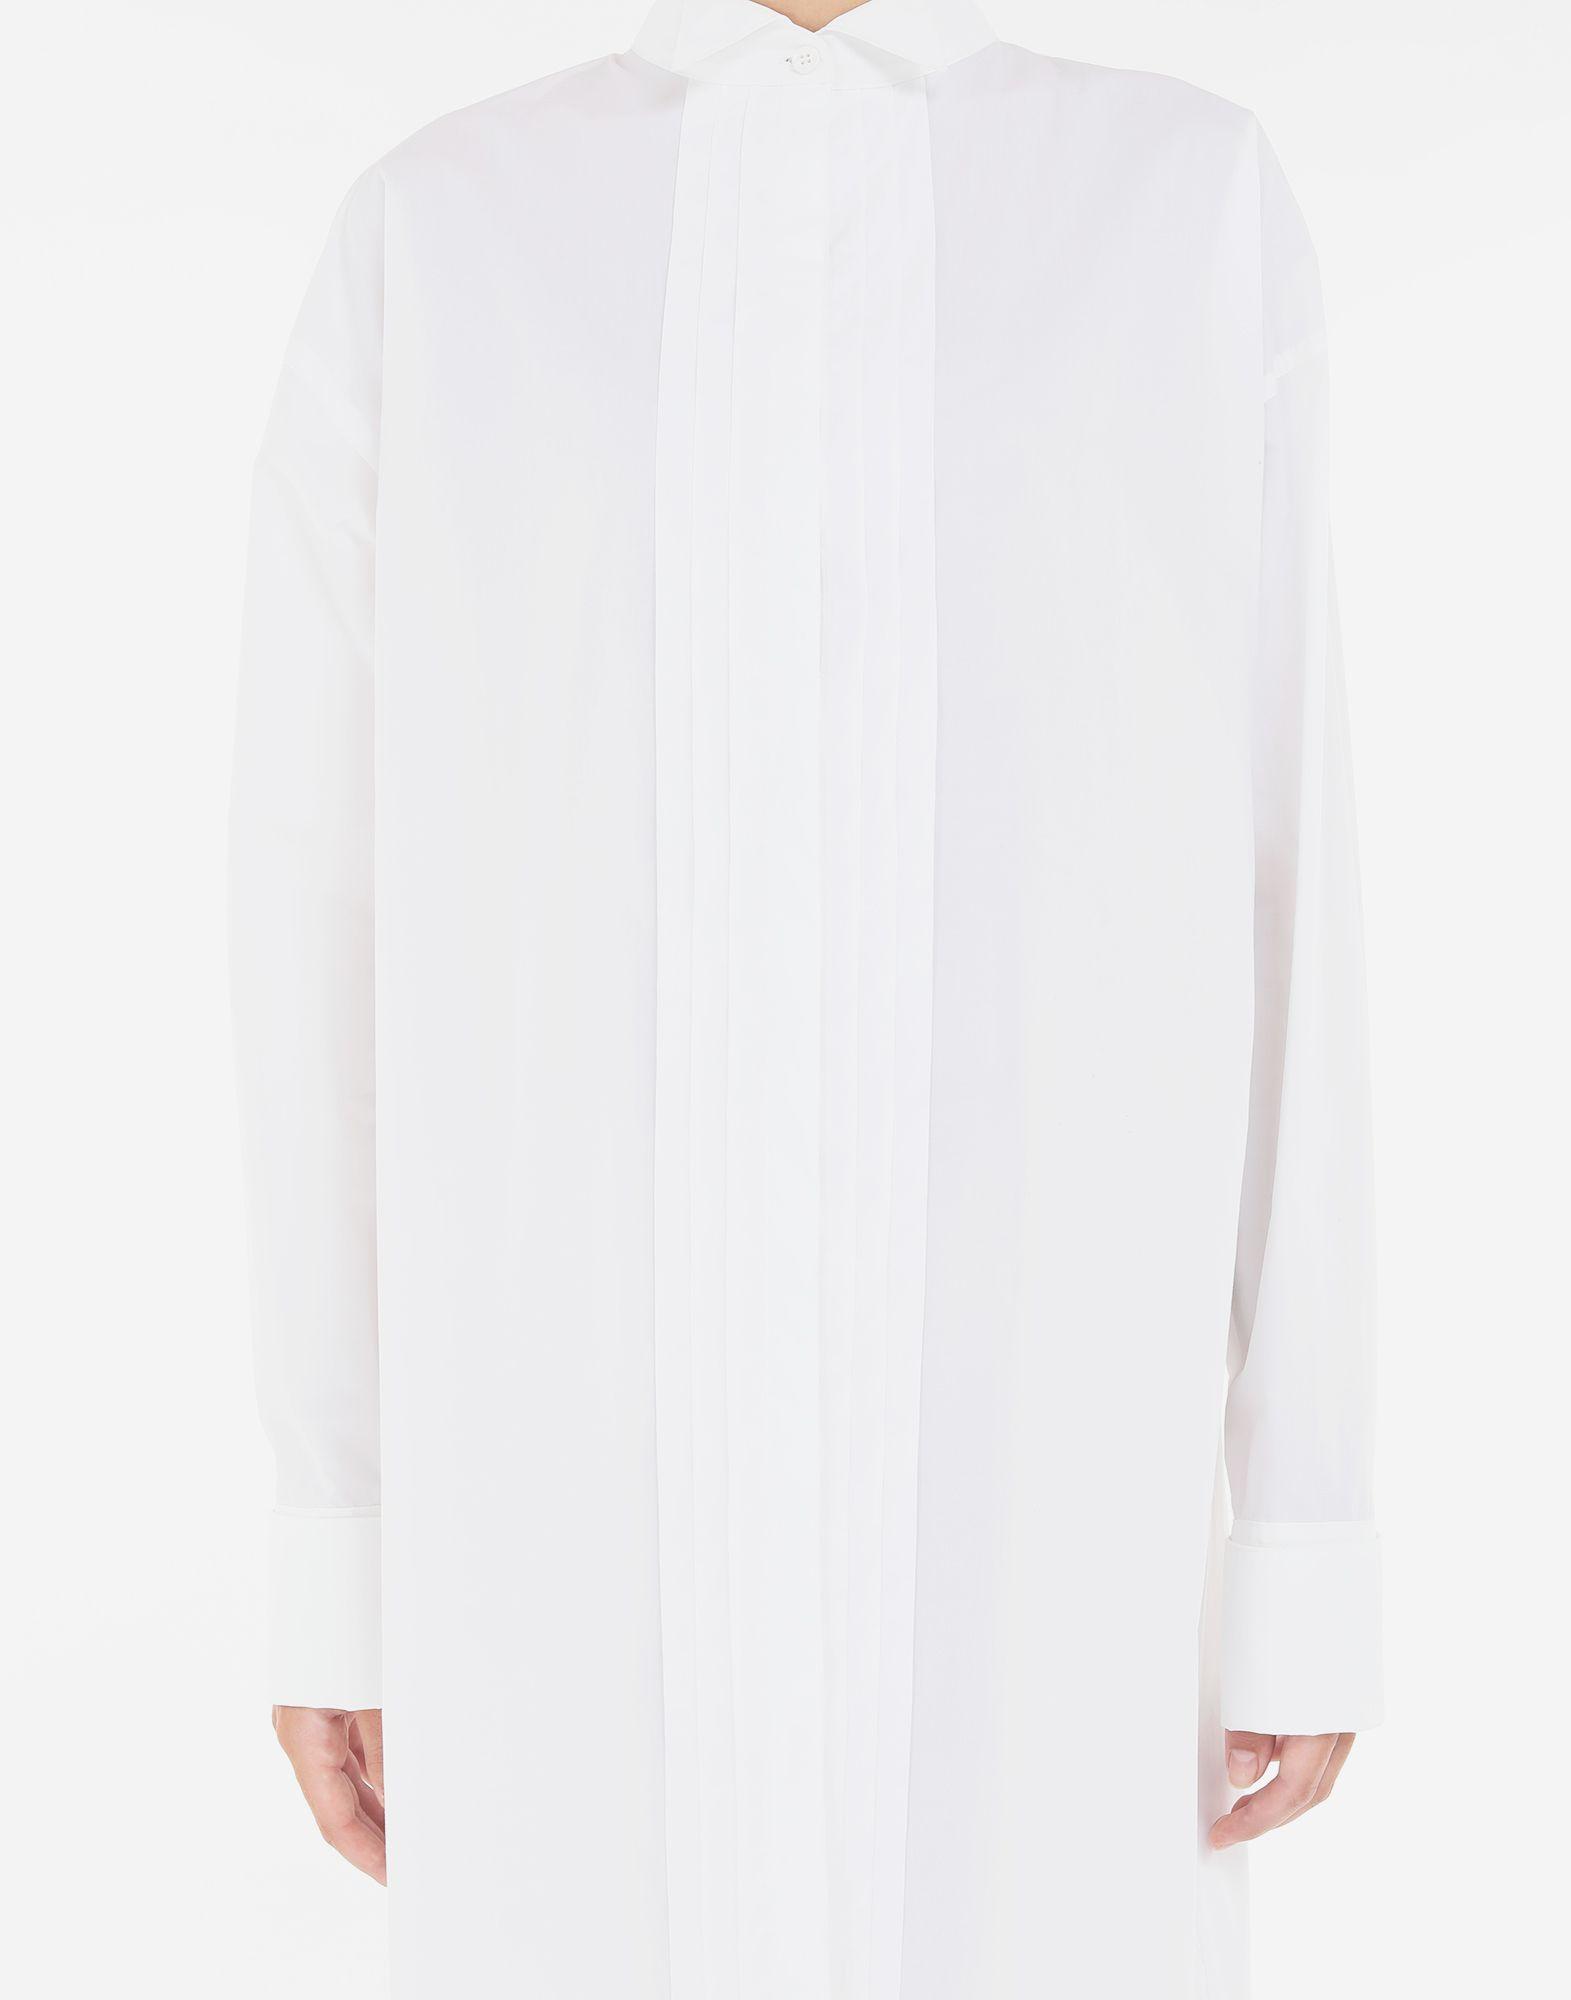 MM6 MAISON MARGIELA Shirt-dress with belt Short dress Woman a